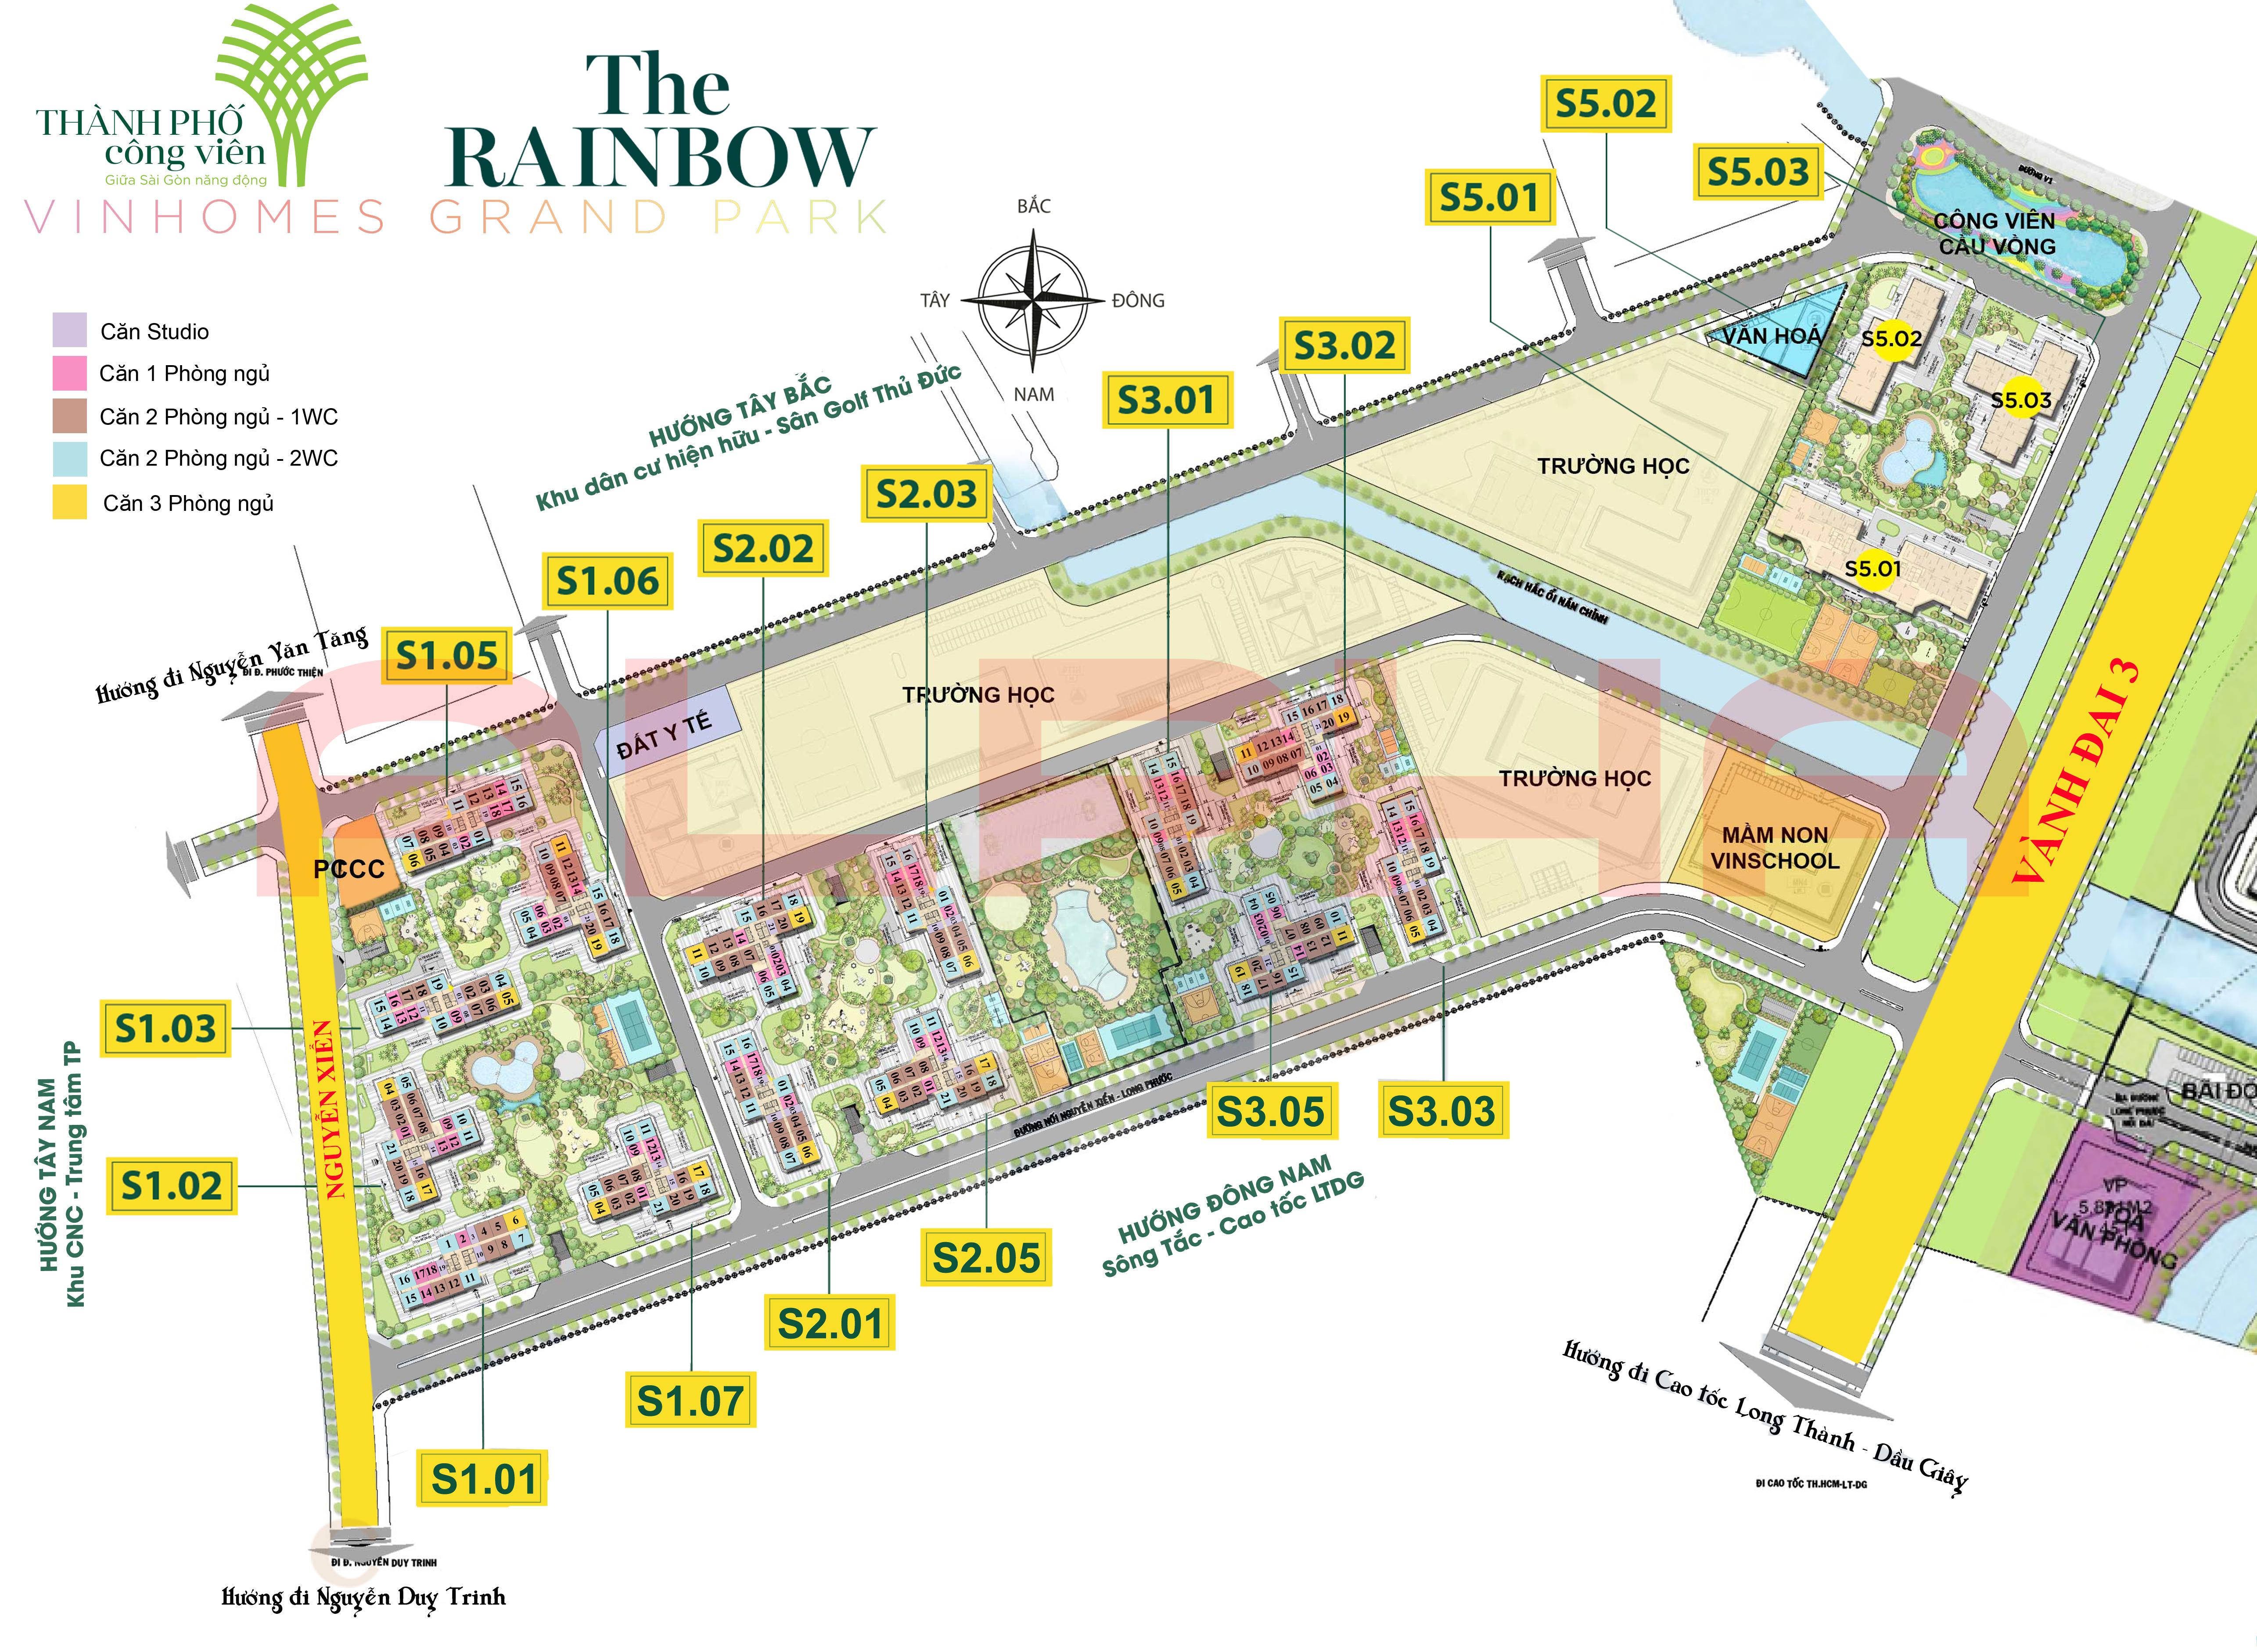 Mặt bằng phân khu RainBow thuộc Vinhomes Grand Park Quận 9